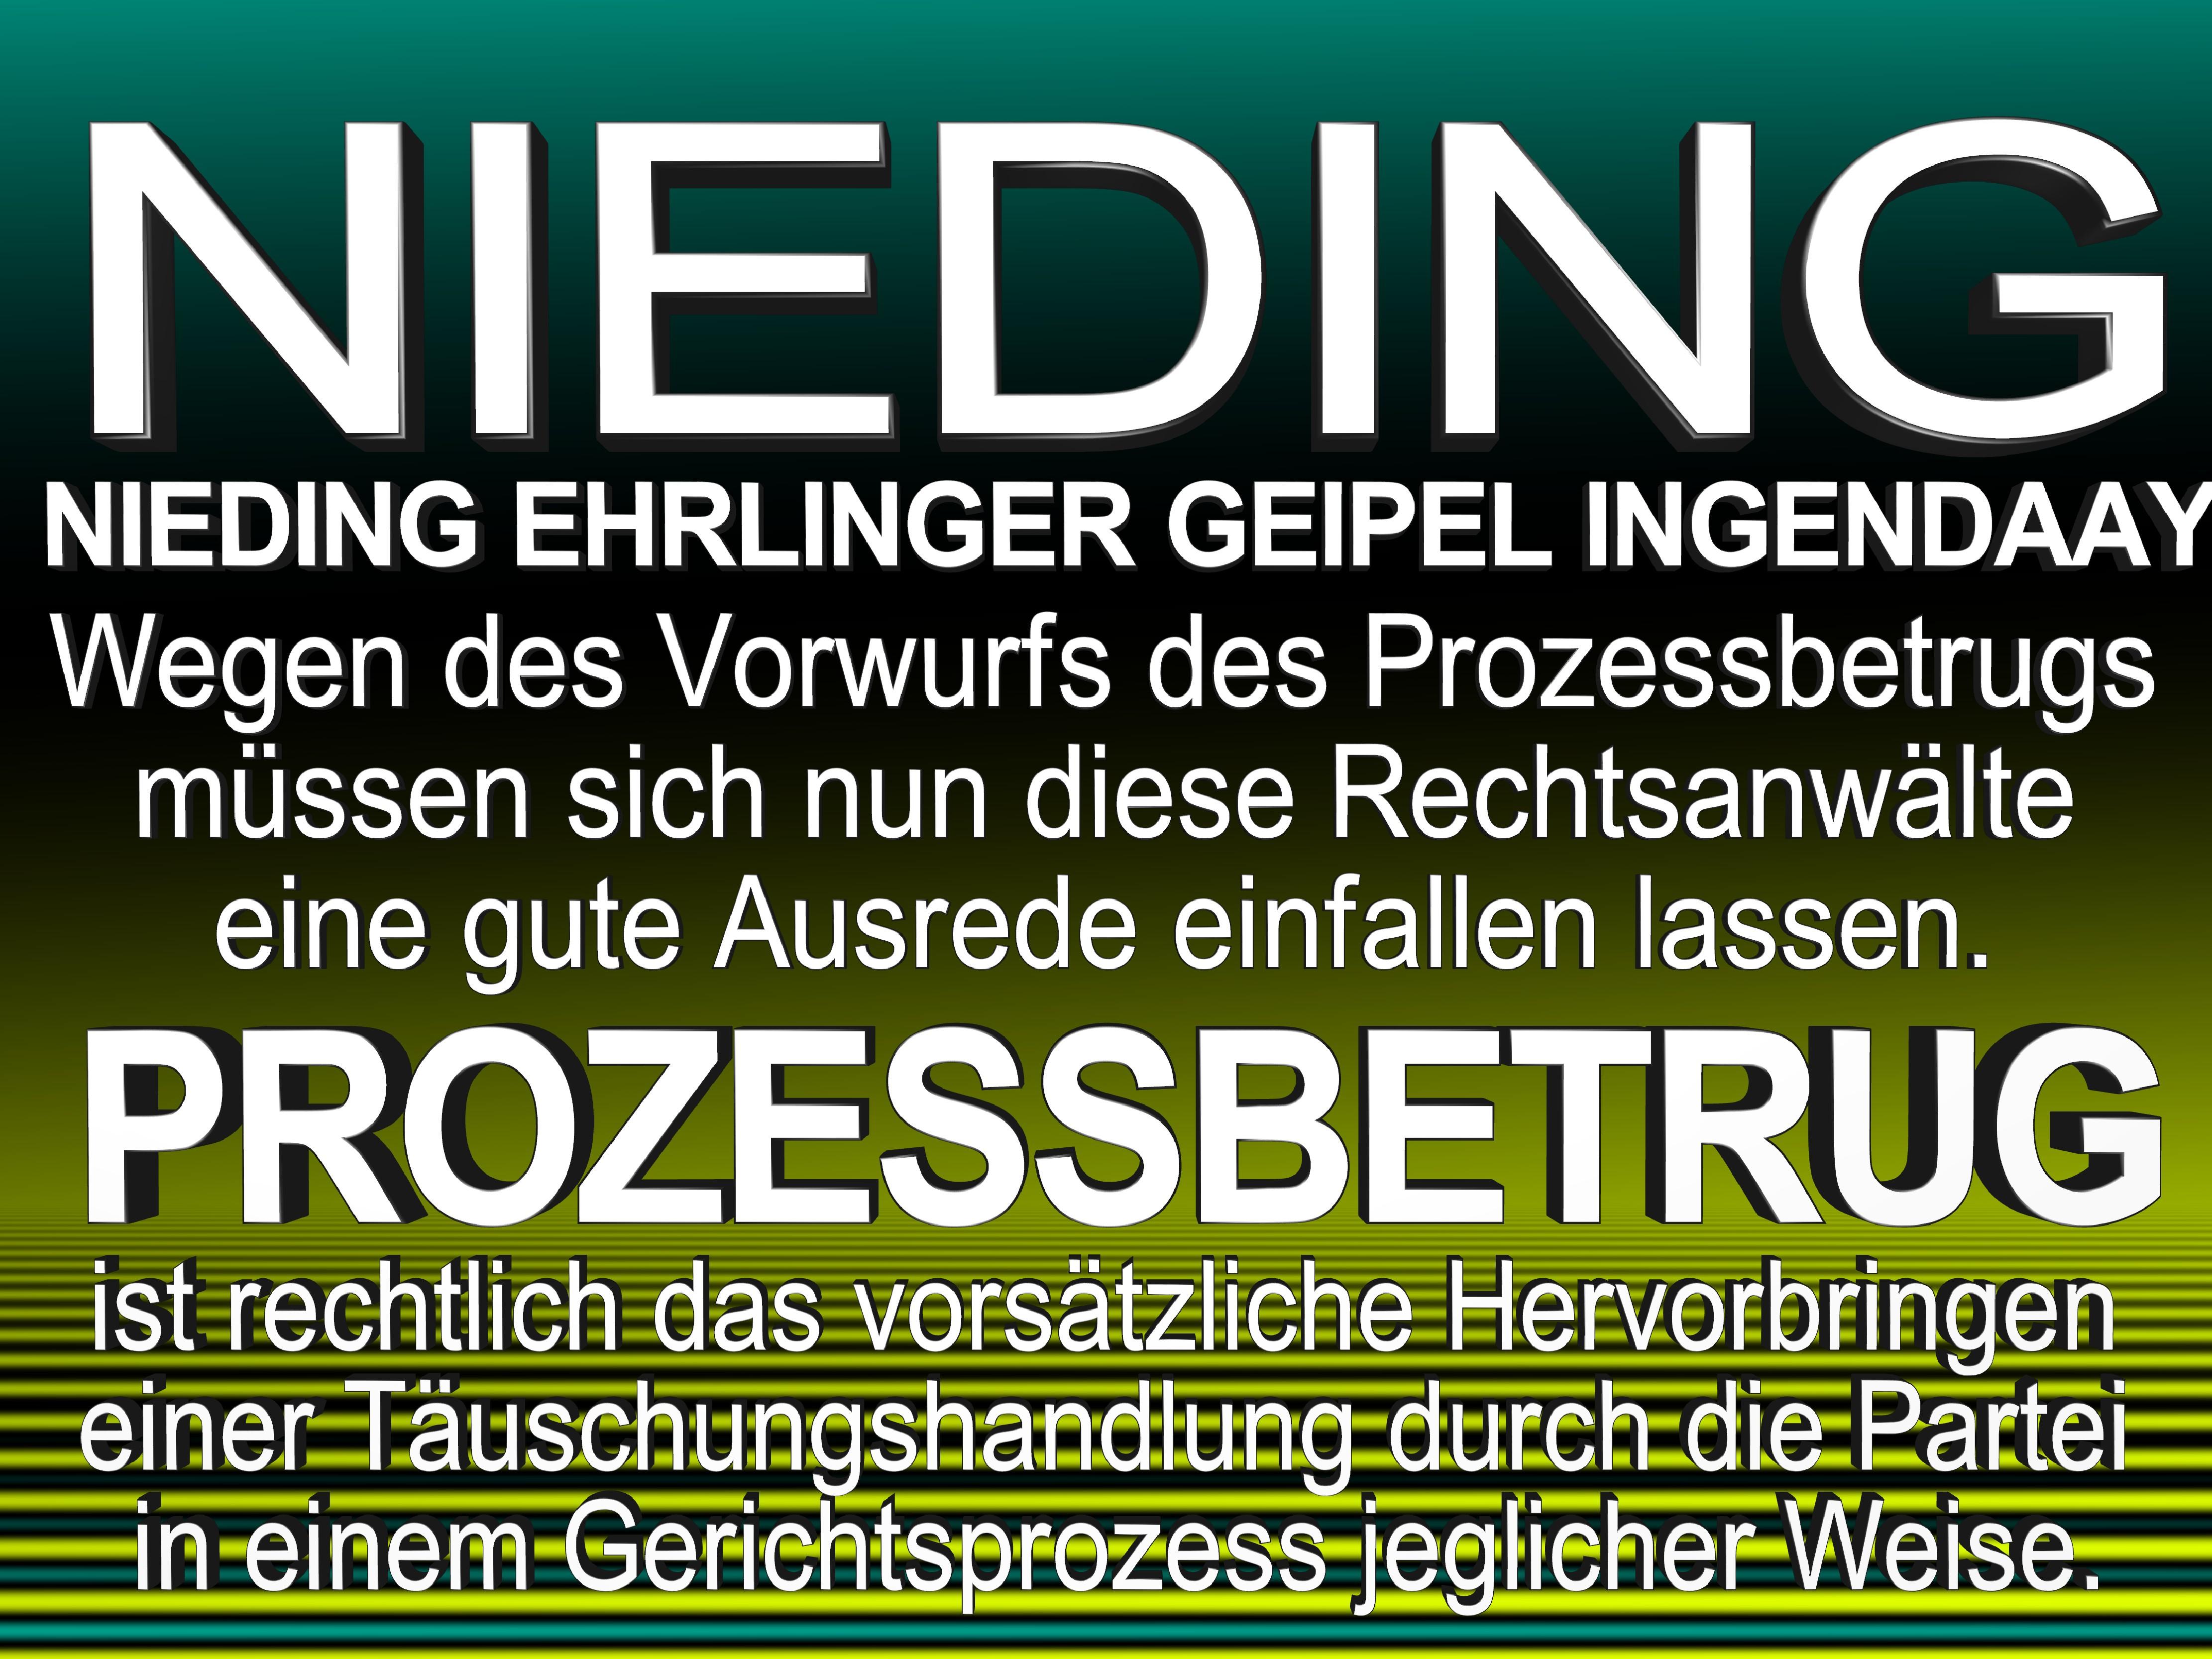 NIEDING EHRLINGER GEIPEL INGENDAAY LELKE Kurfürstendamm 66 Berlin (133)